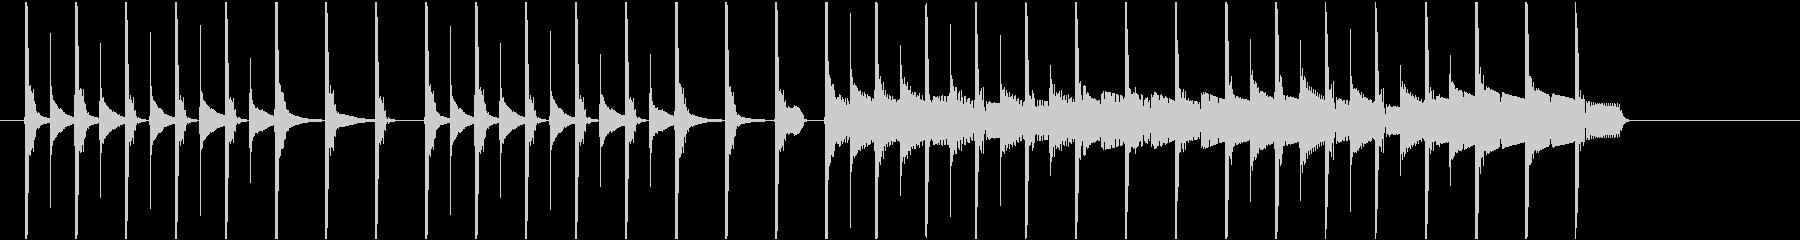 可愛いカリンバのオープニングジングルの未再生の波形